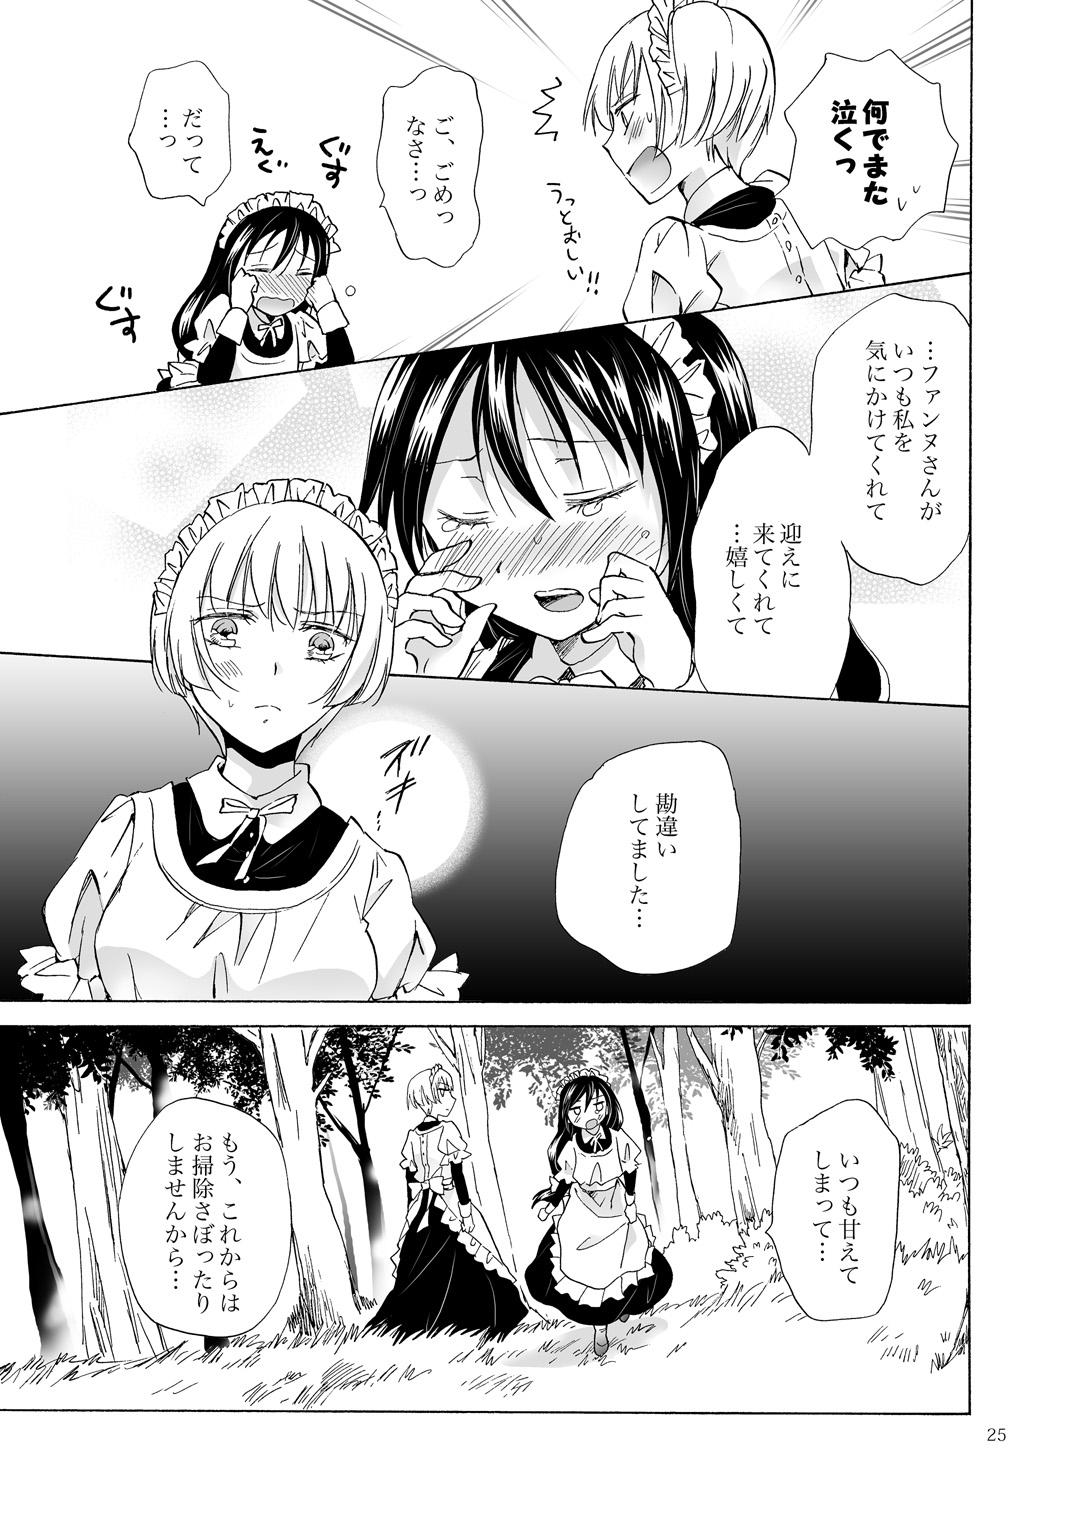 【エロ漫画・エロ同人誌】巨乳メイドがちっぱいメイドとレズエッチwww (24)